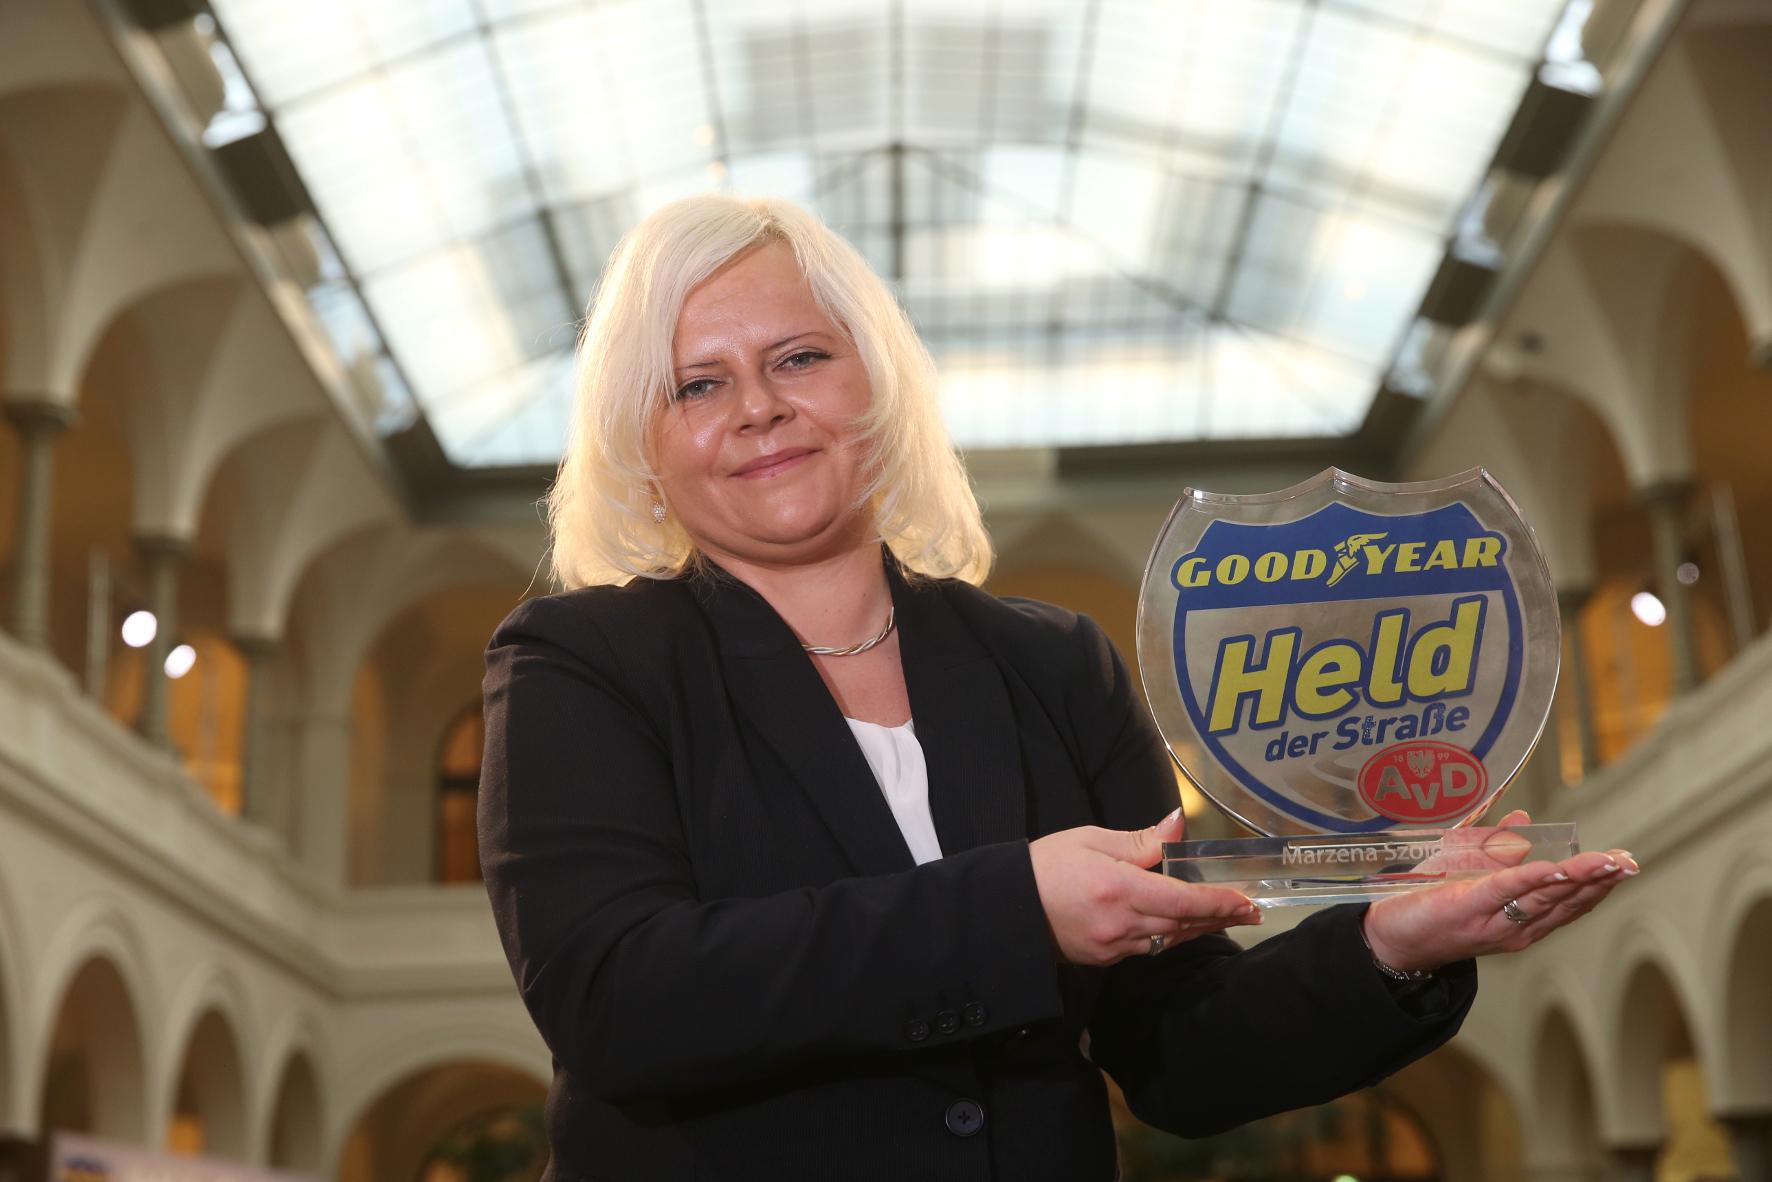 """mid Groß-Gerau - Busfahrerin Marzena Szojda hat einen katastrophalen Bus-Unfall verhindert und erhält dafür die Auszeichnung """"Held der Straße des Jahres 2016"""" - und einen nagelneuen Hyundai i30."""